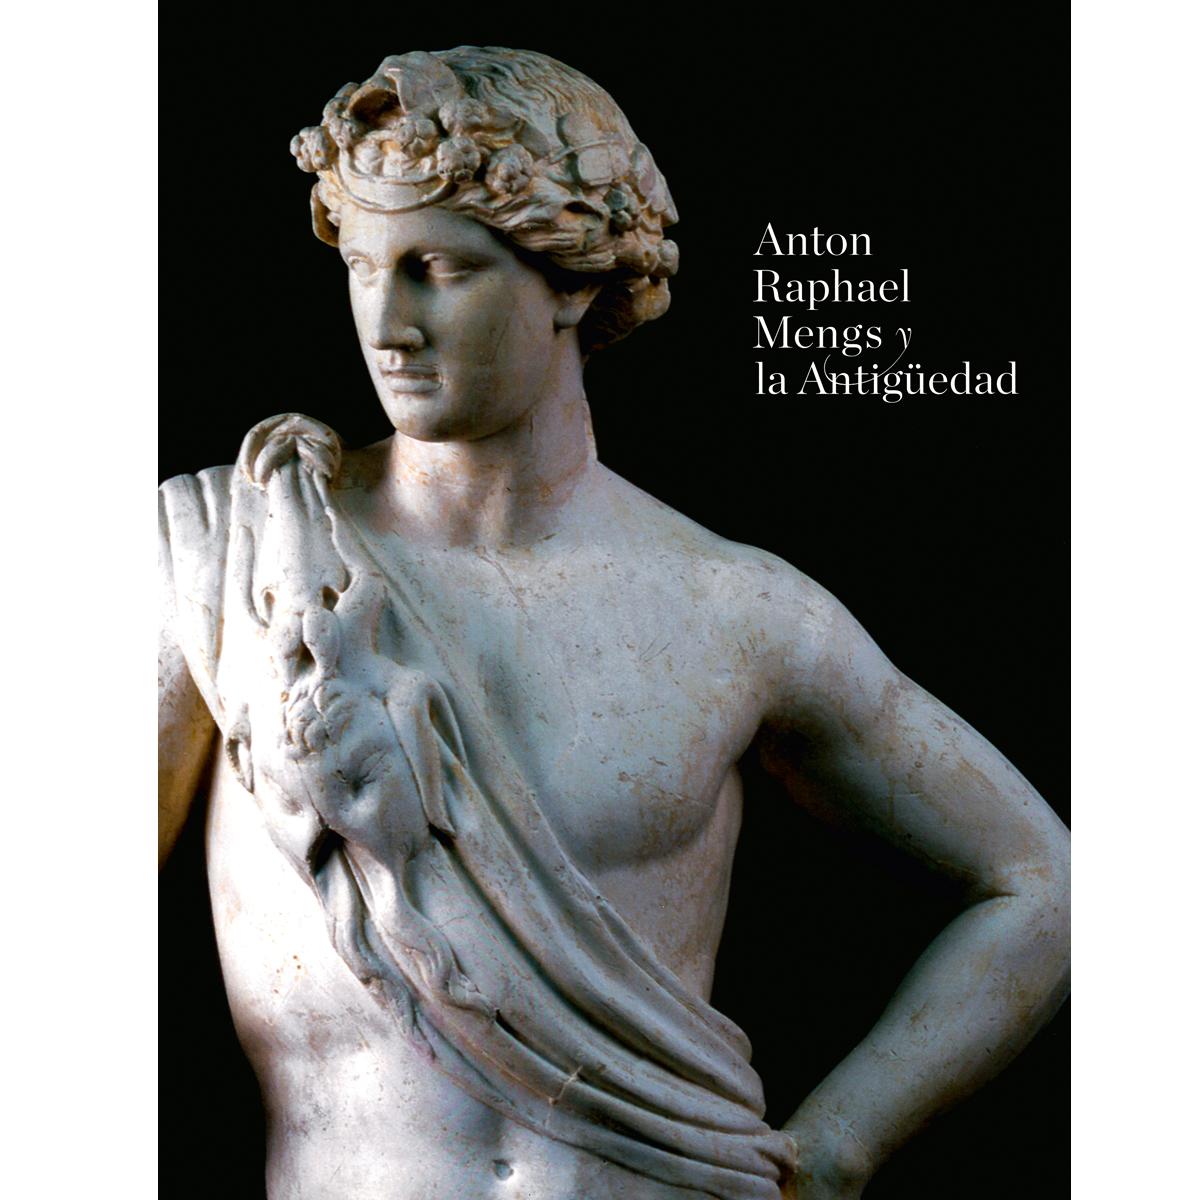 Anton Raphael Mengs y la Antigüedad